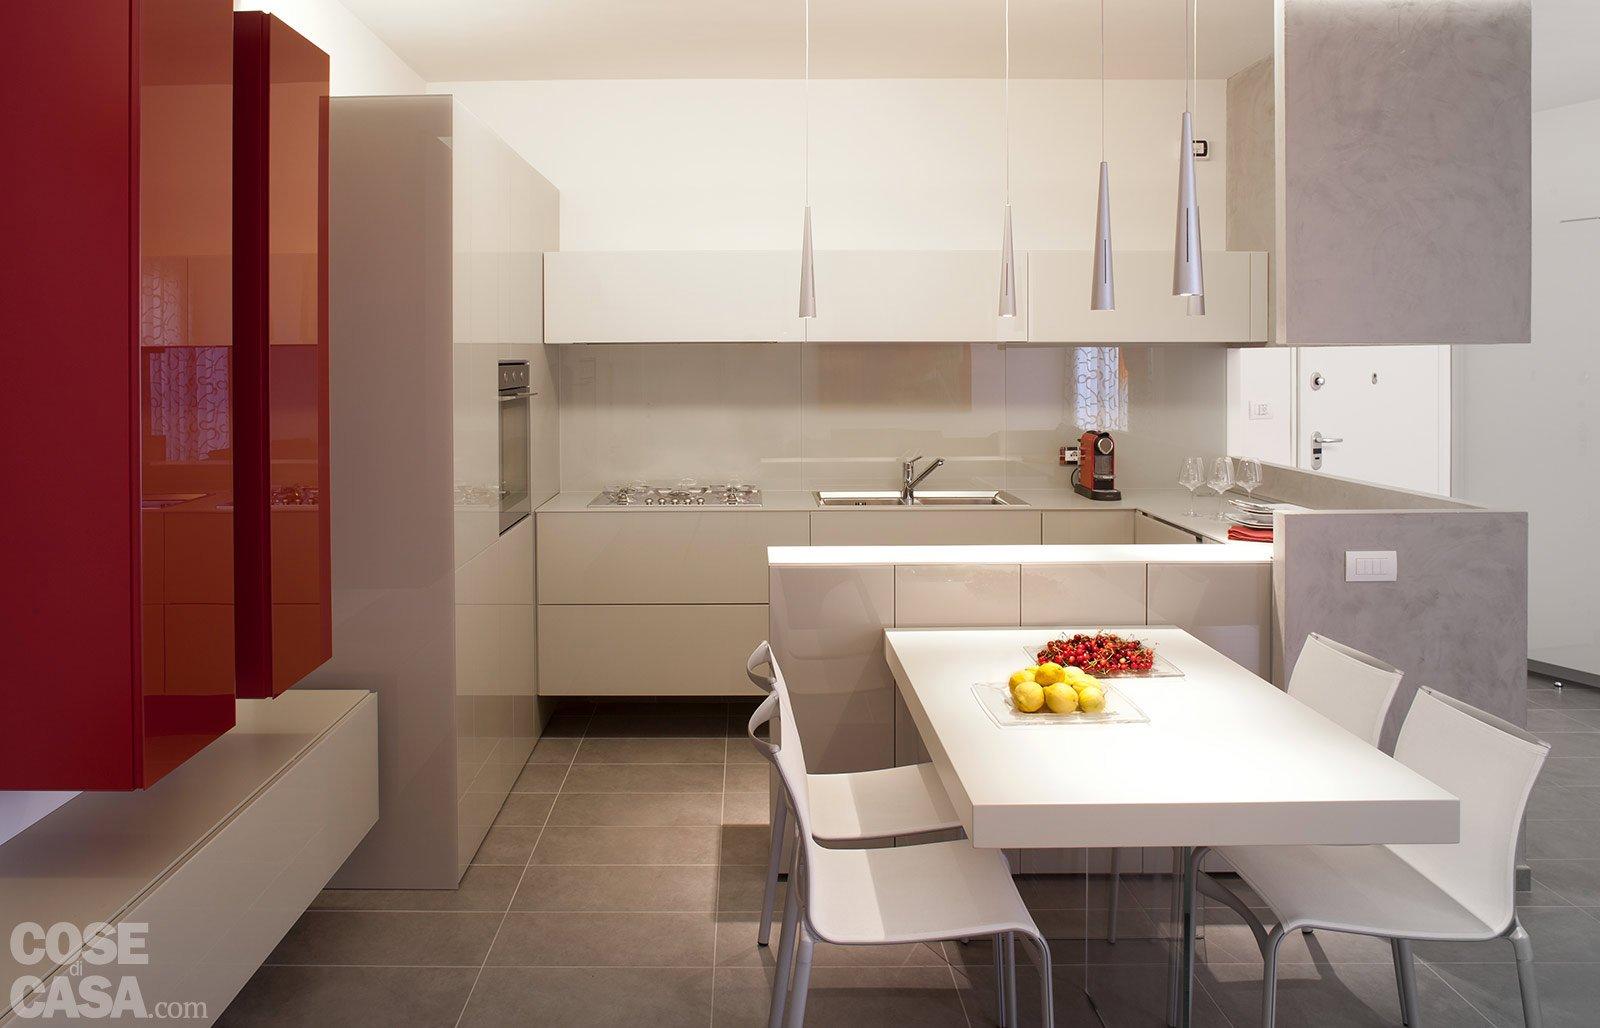 85 mq: una casa per una famiglia giovane - Cose di Casa